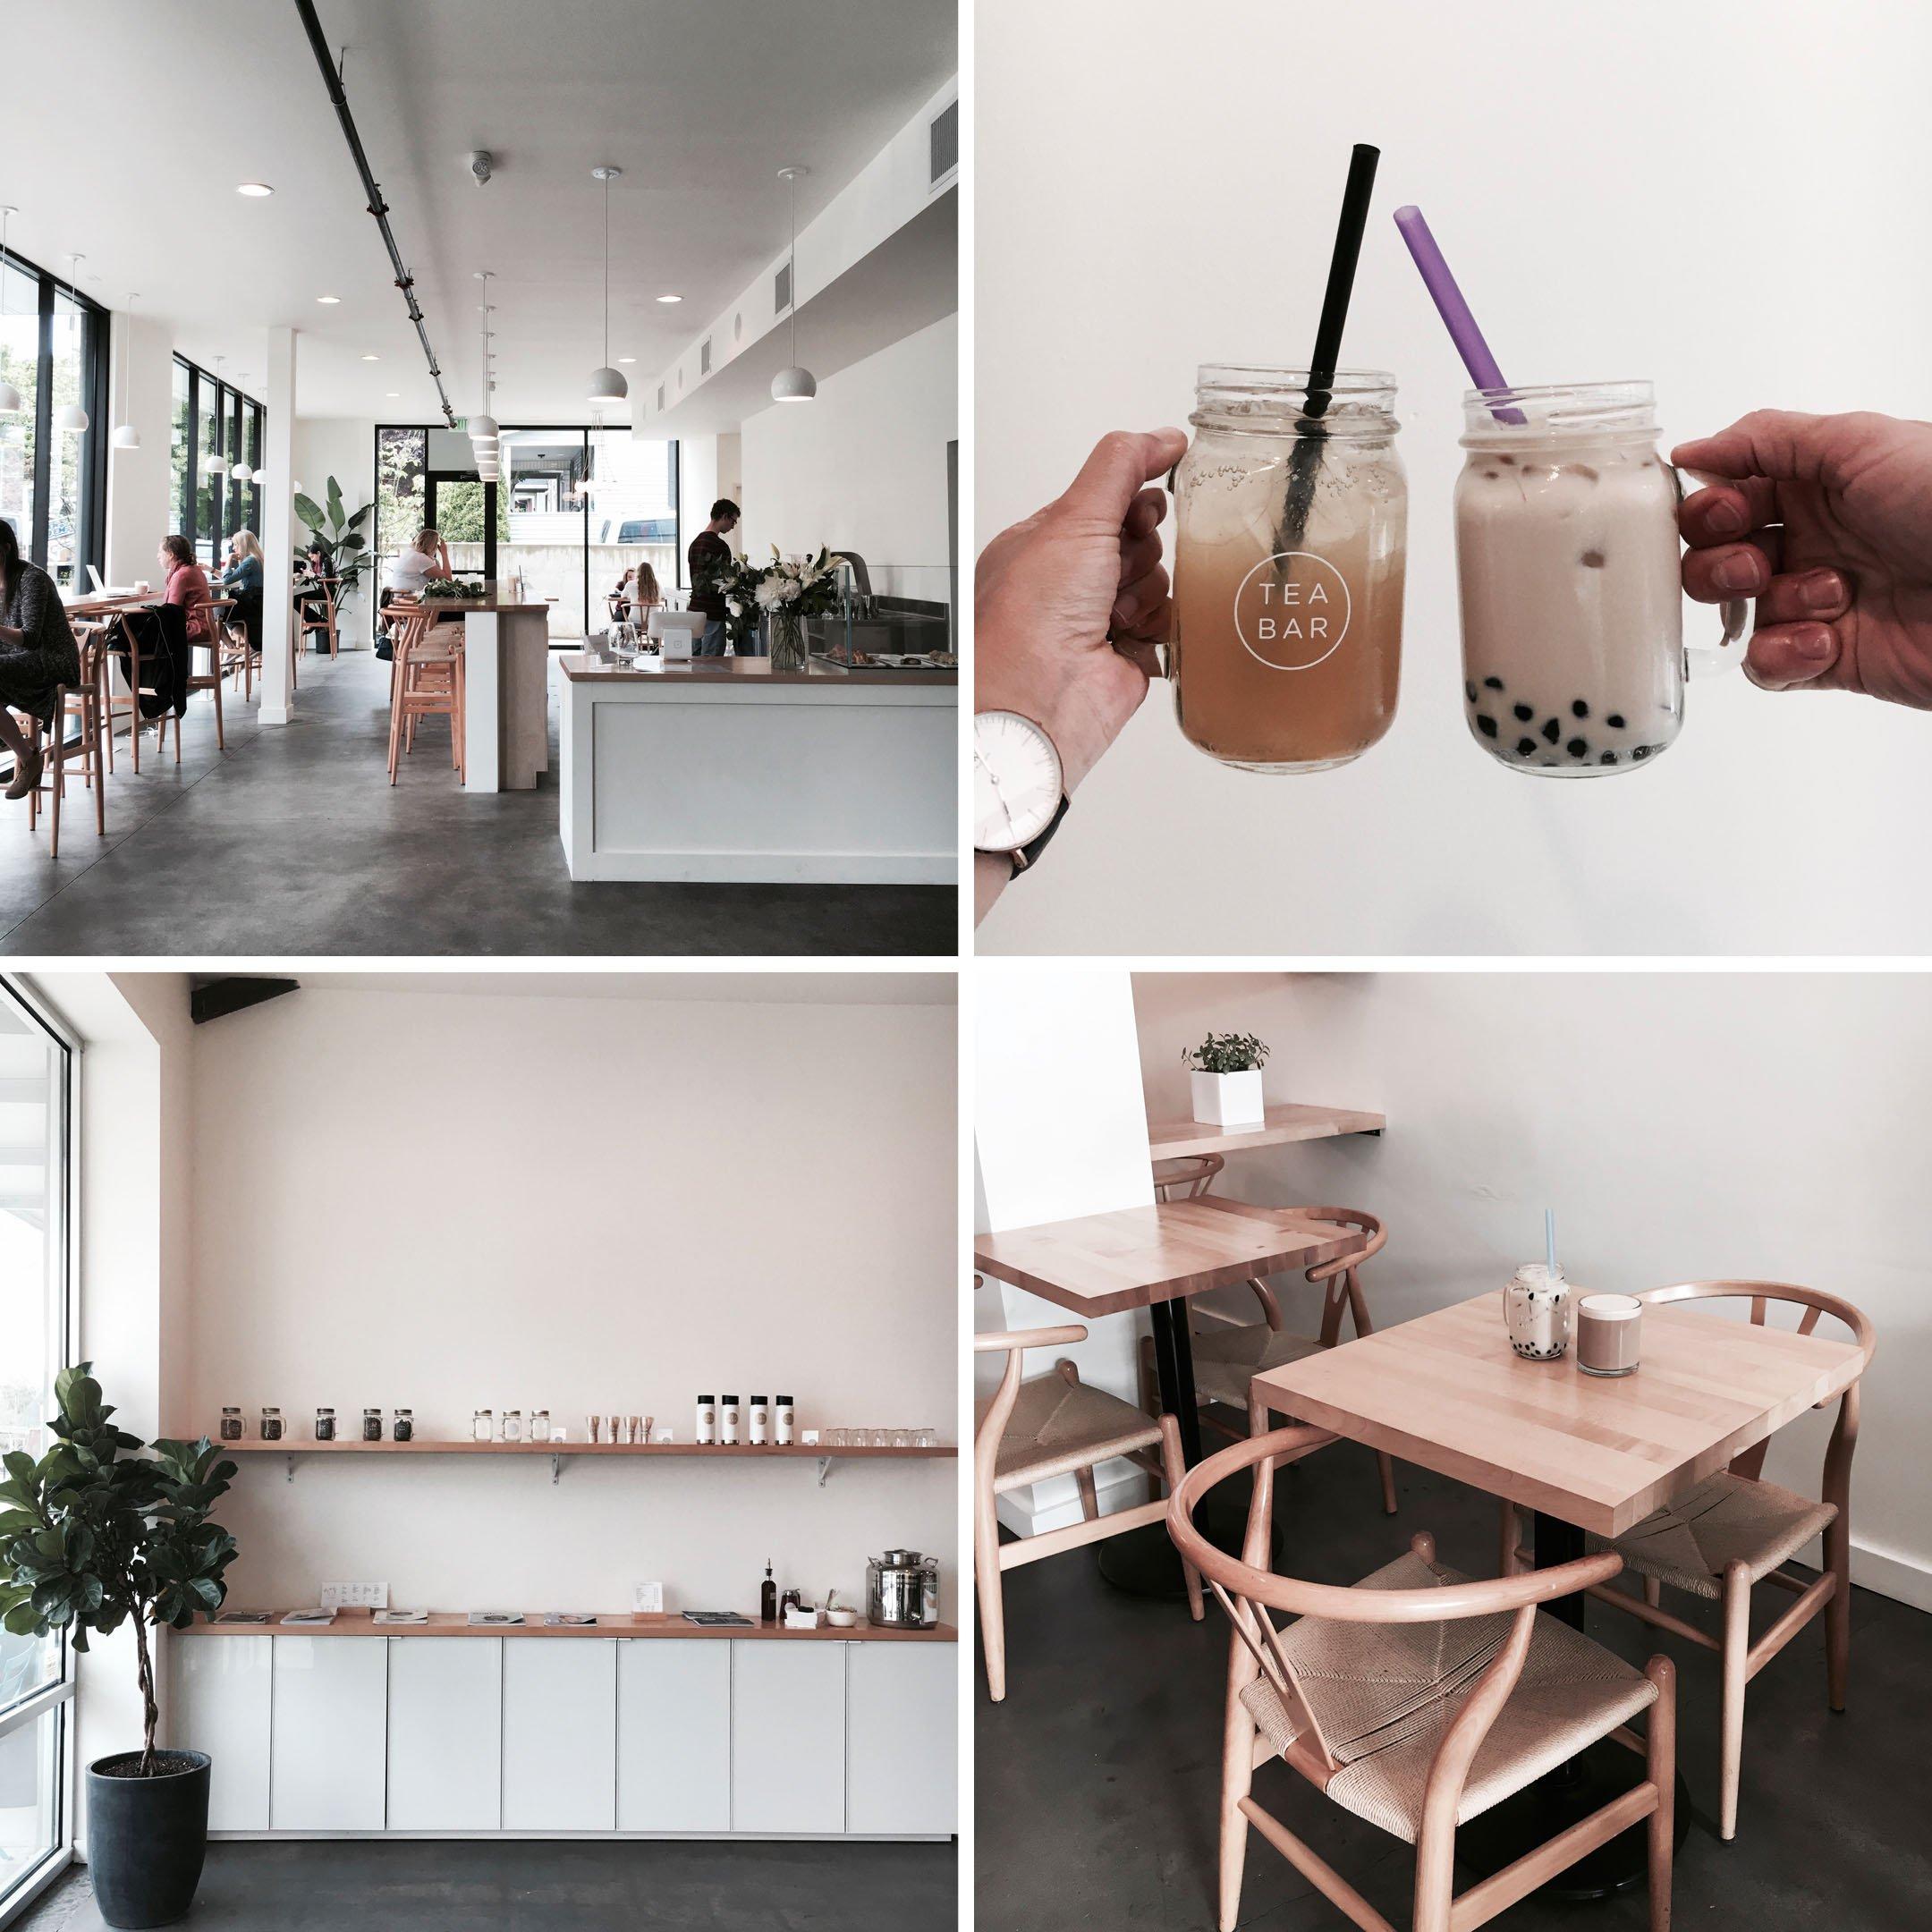 portland-city-guide-tea-bar